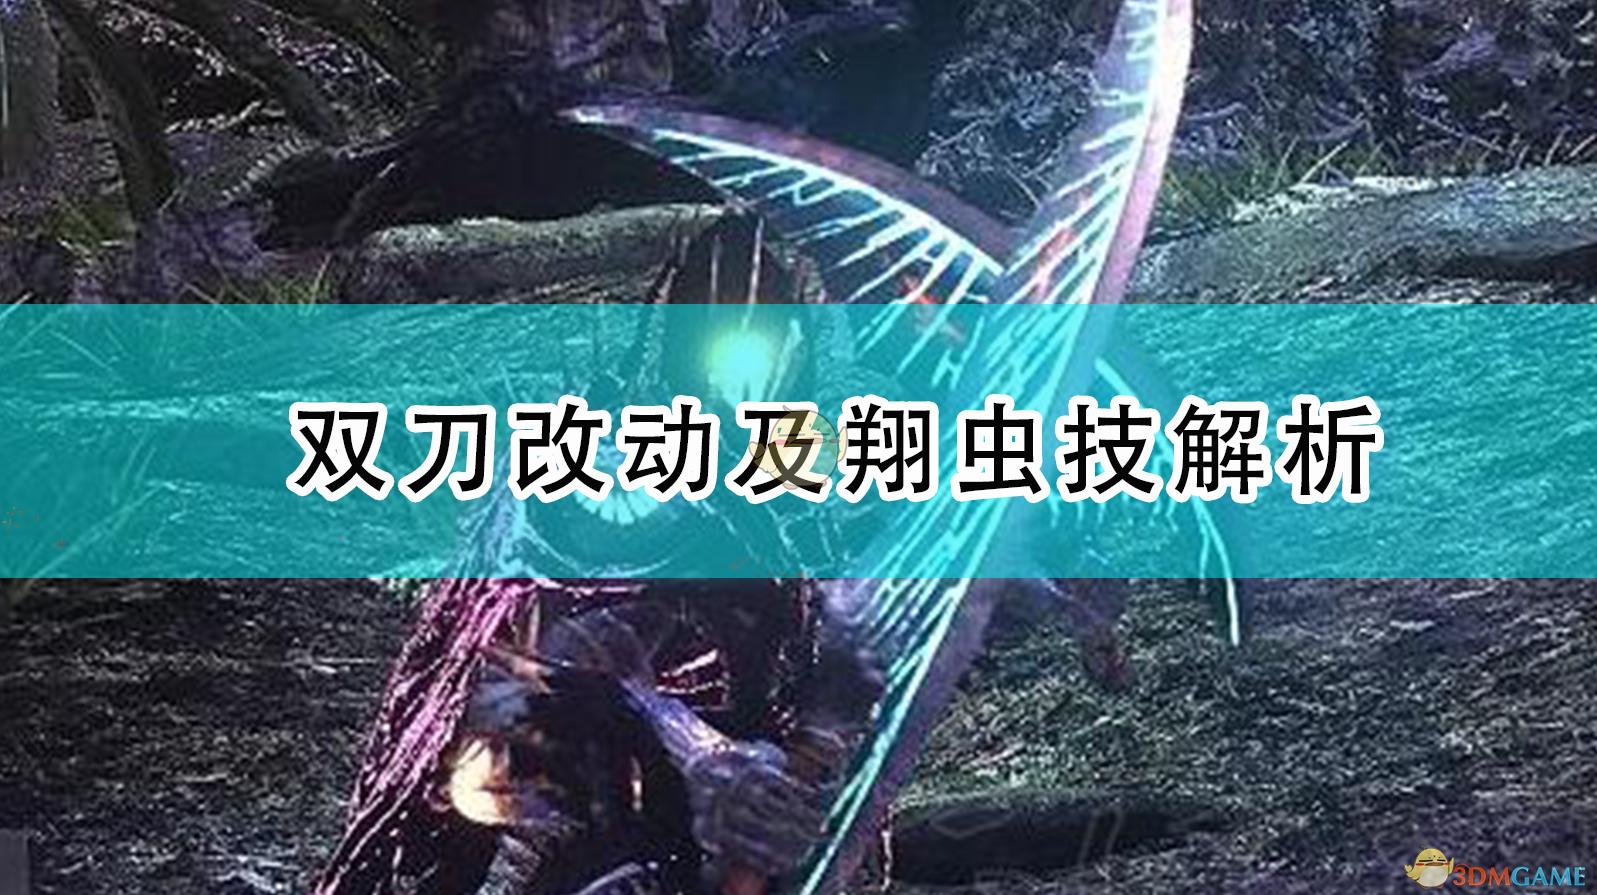 《怪物猎人:崛起》双刀改动及翔虫技解析